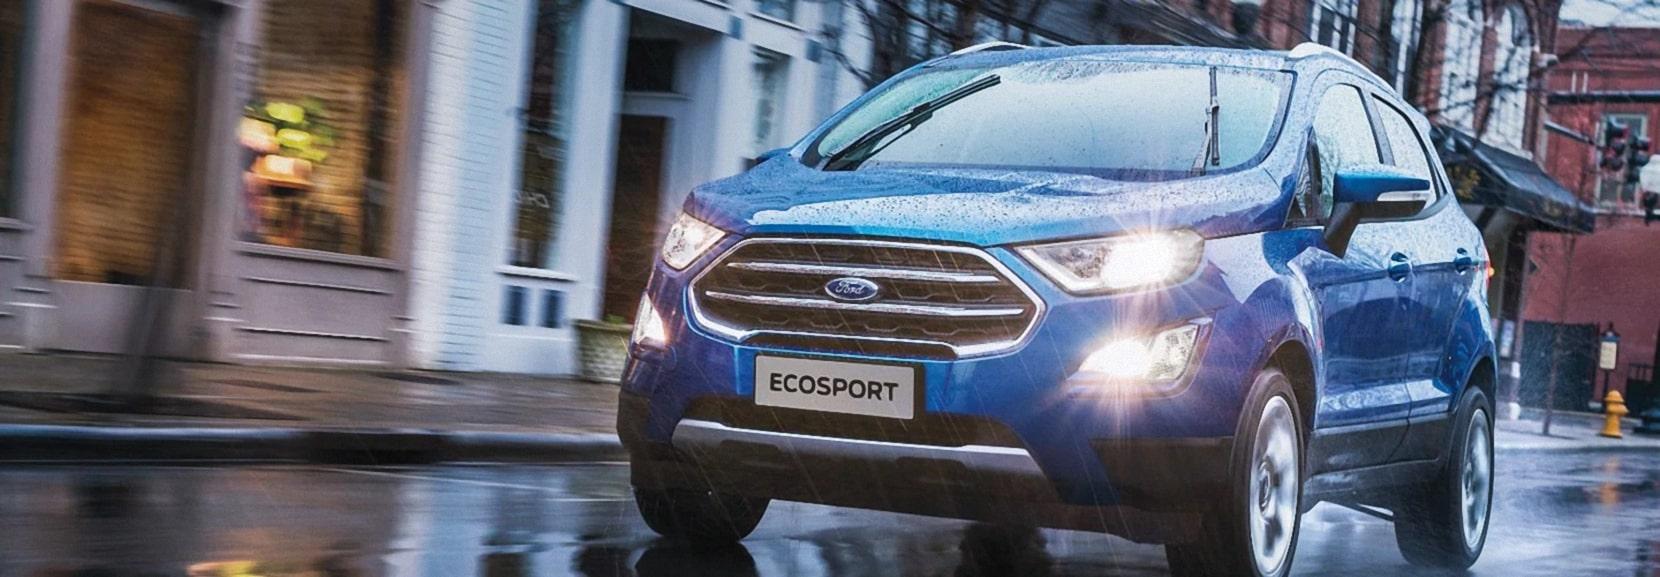 Ford Ecosport 2021 - Vua Đường Phố